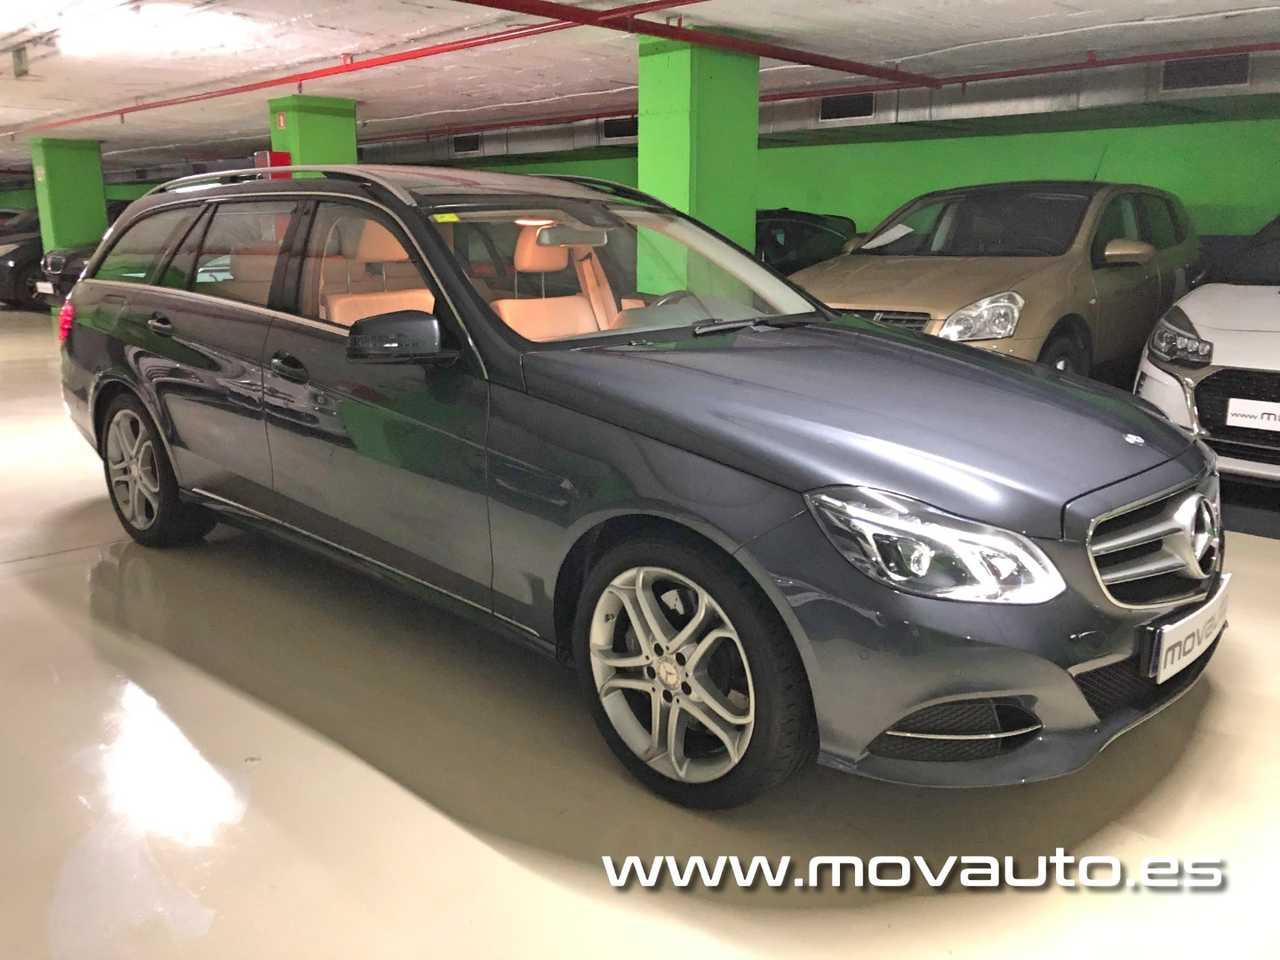 Mercedes Clase E Estate 400 4Matic 333cv   - Foto 1